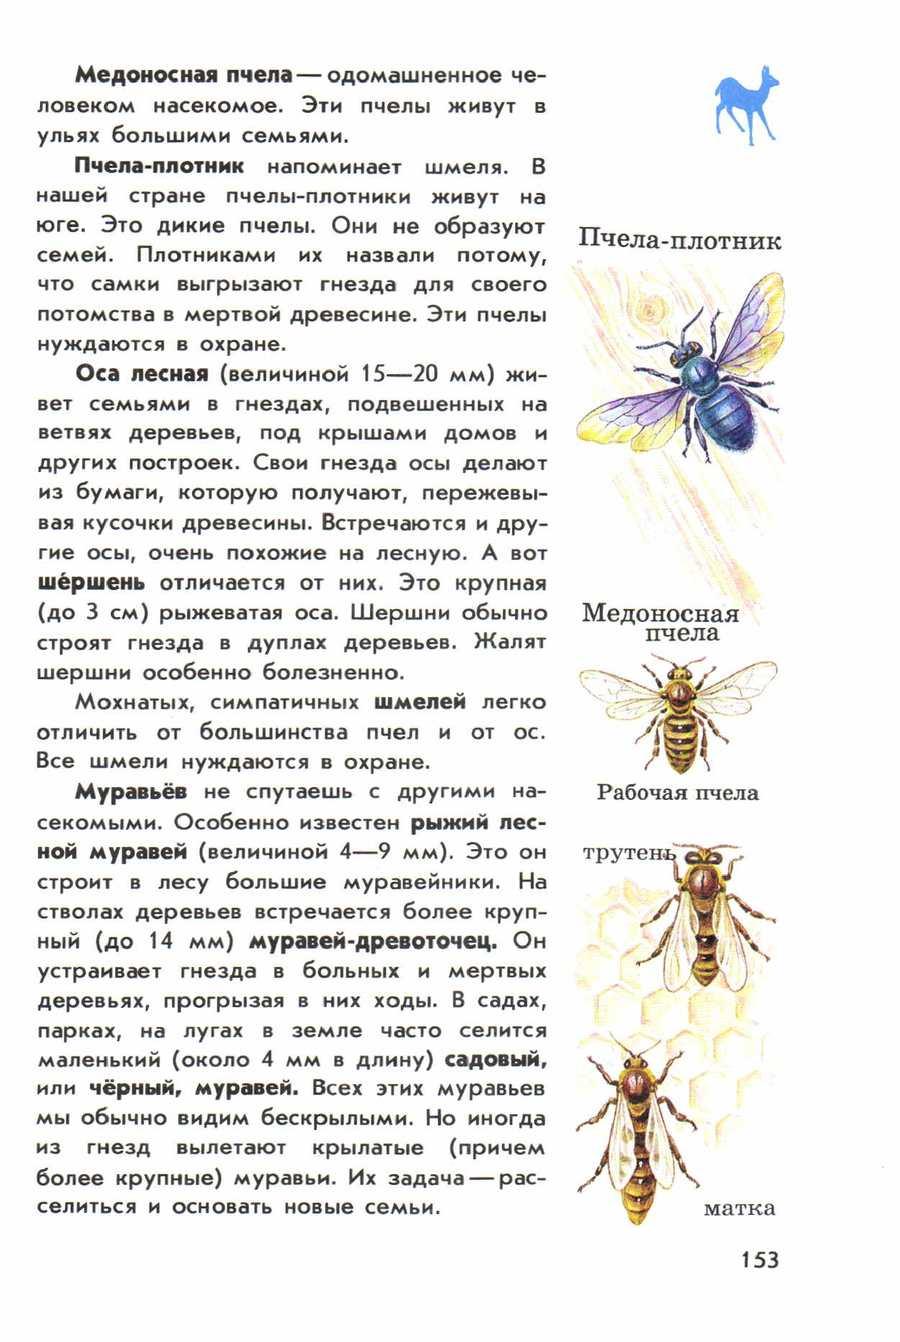 Краткая информация о шмелях, описание, внешний вид и т.д